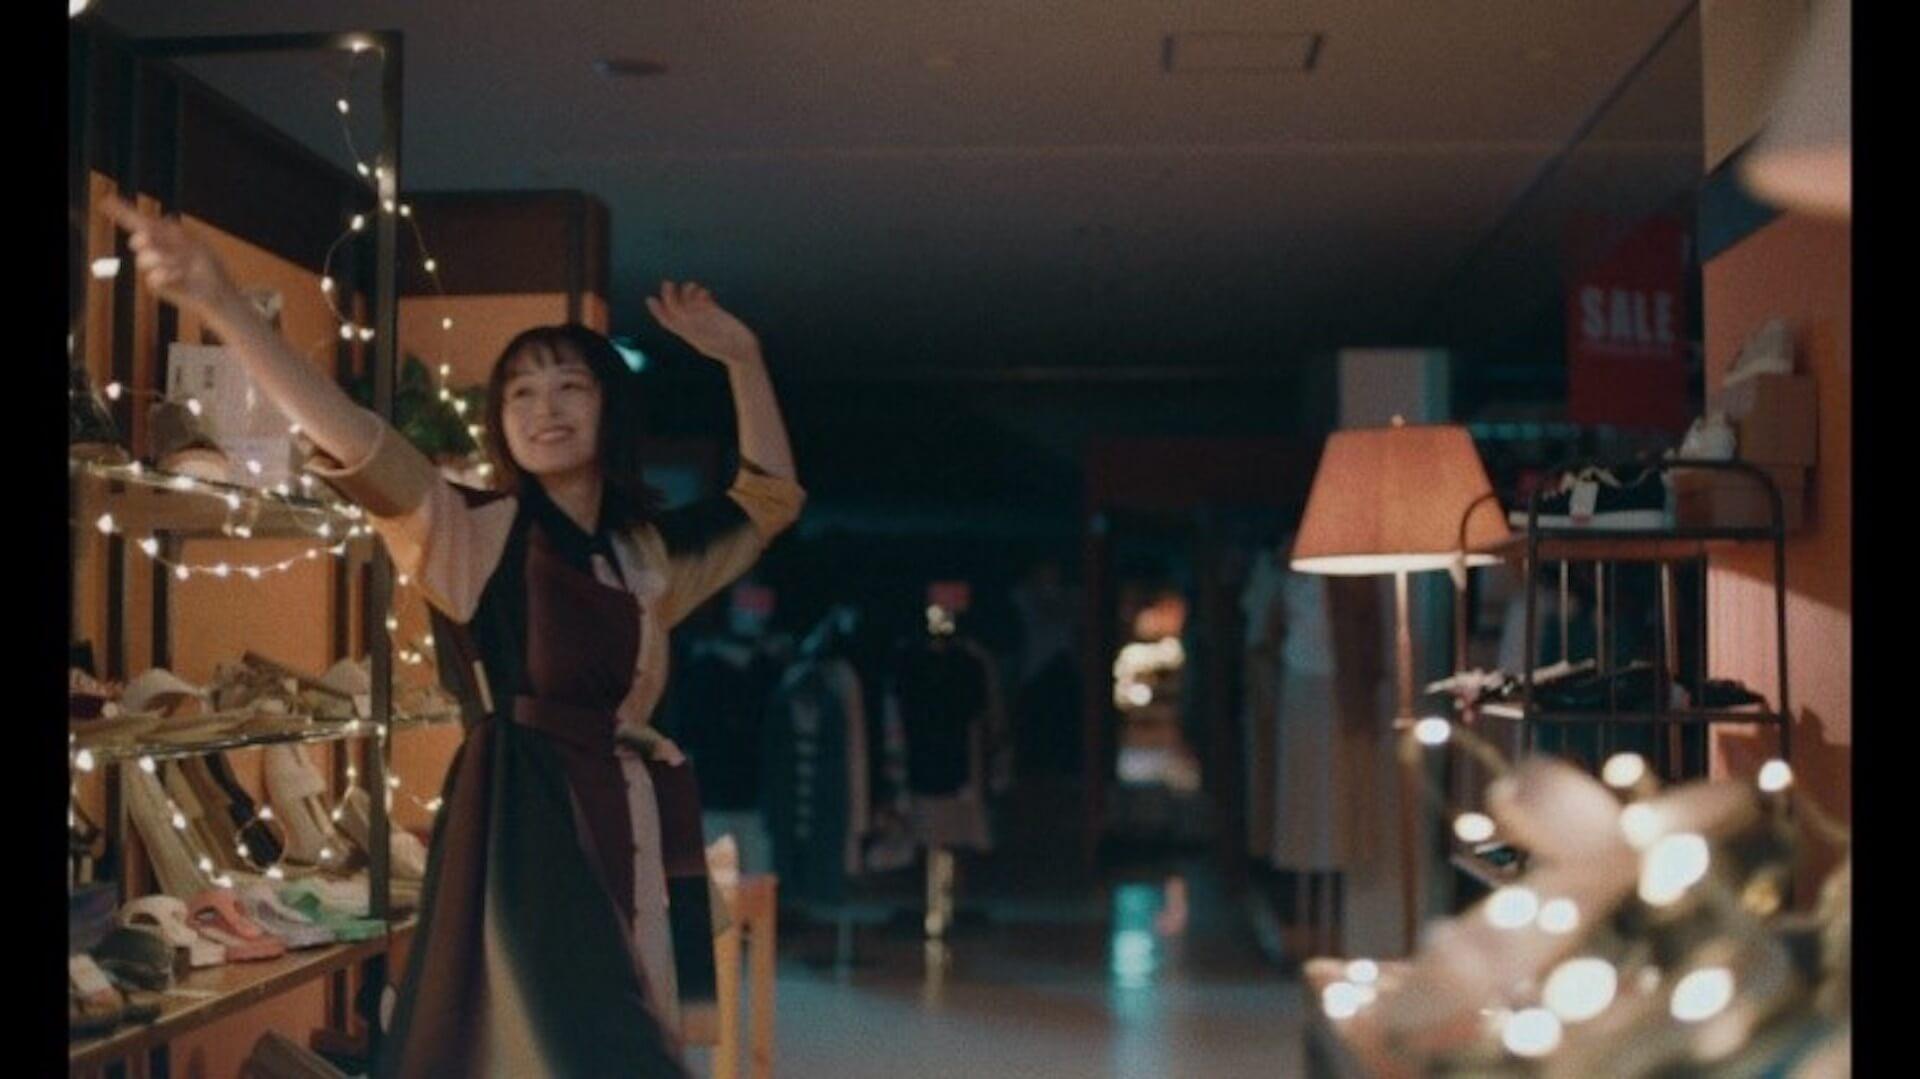 yurinasiaが清野菜名演じるマネキン・真希のダンス振付を担当!資生堂「マキアージュ」ショートフィルム公開 art210915_yurinasia_seinonana_2